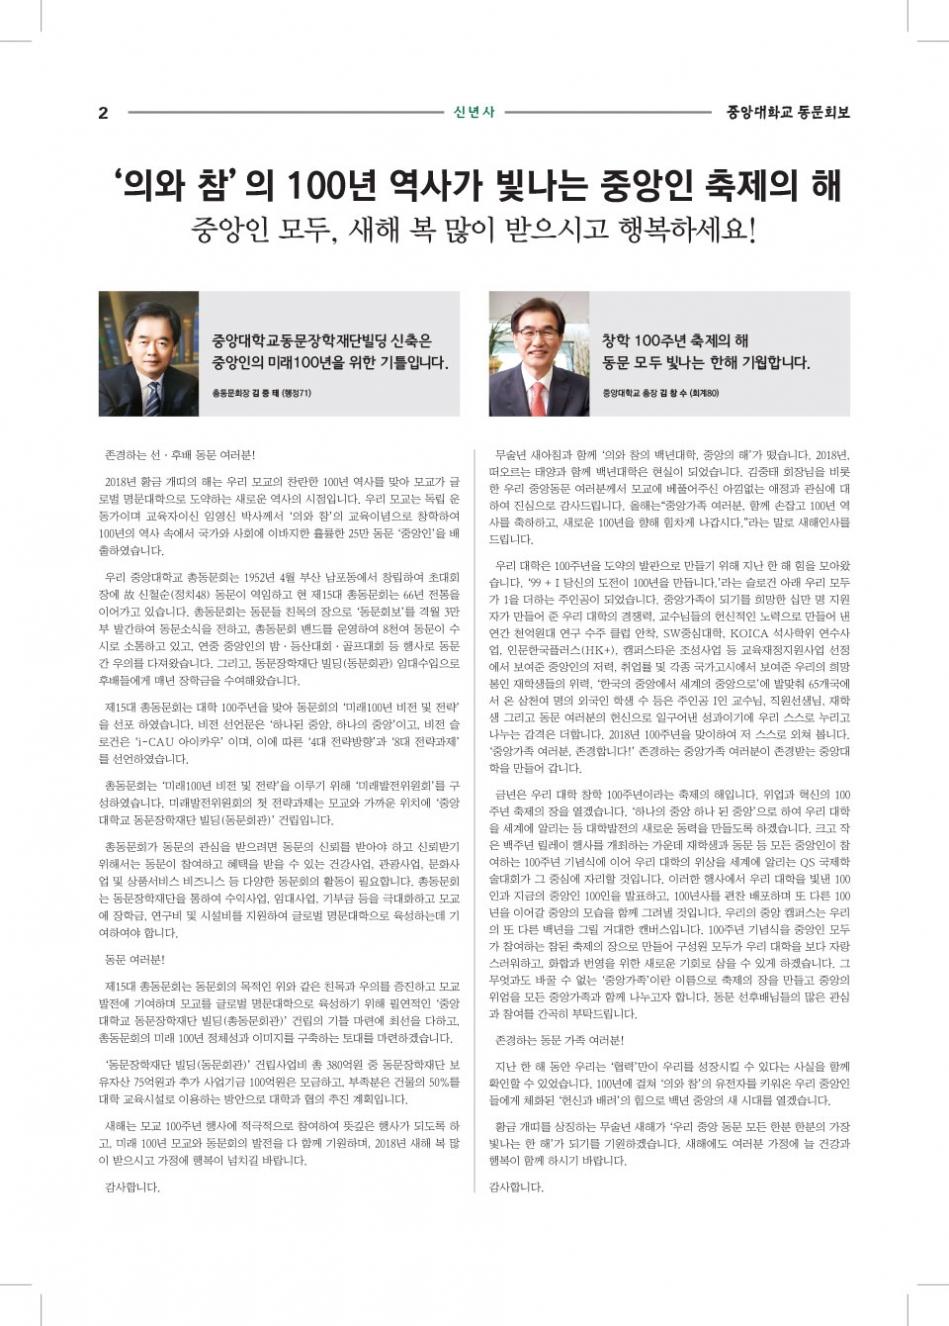 중총신문-18-2-15-최종00-OL인쇄다시-(1)-2.jpg